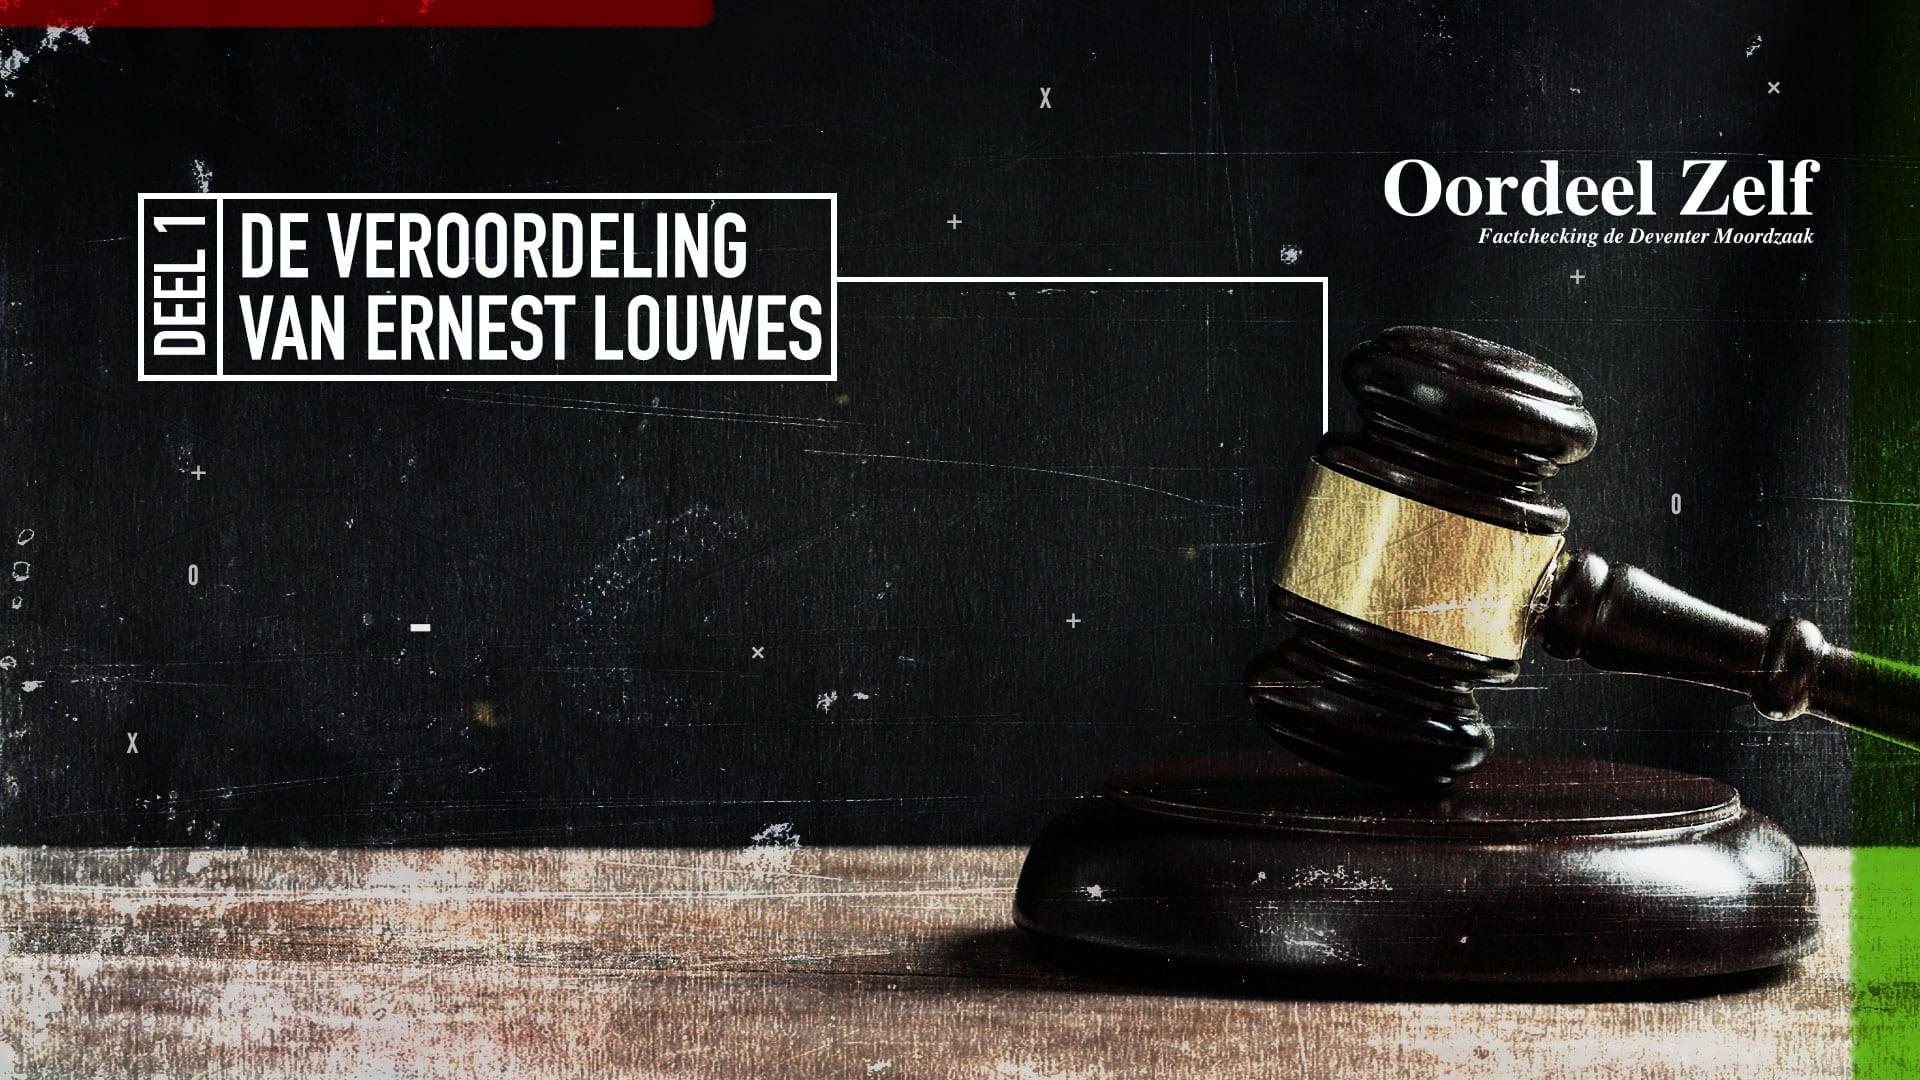 Deel 1 - De veroordeling van Ernest Louwes